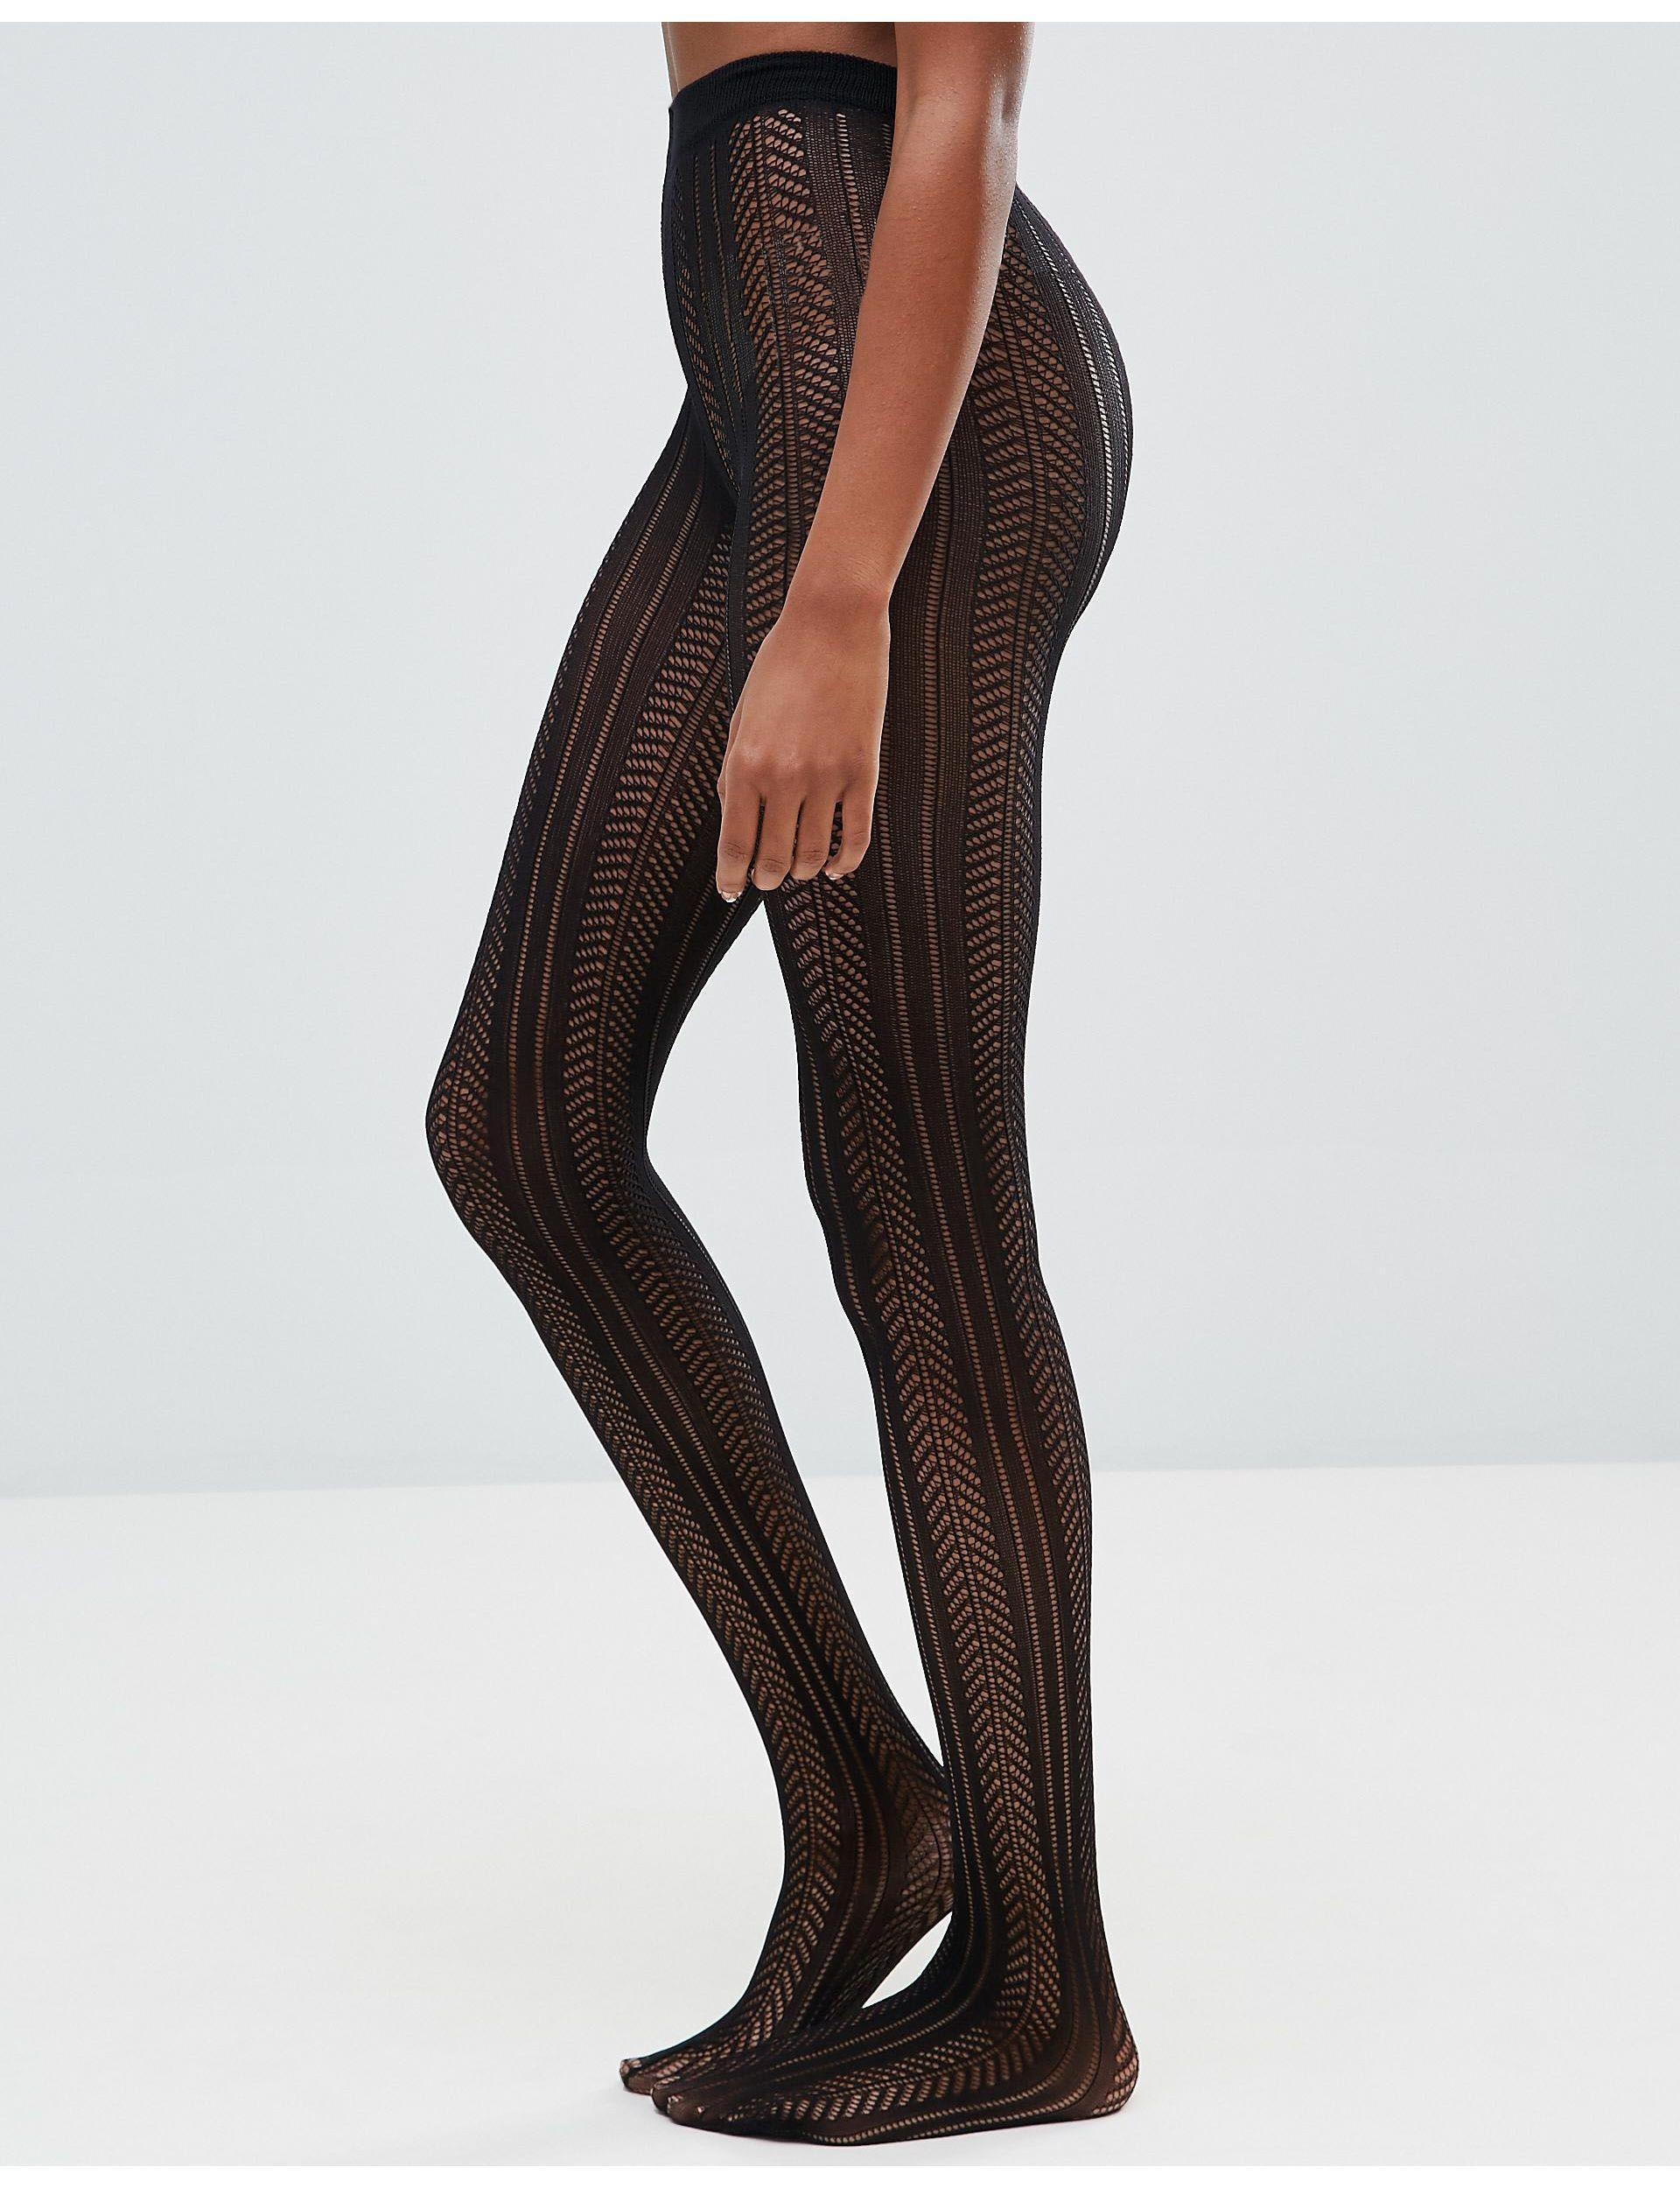 Marilyn European Designer Tights Leopard Animal Print Pantyhose Panther Pattern